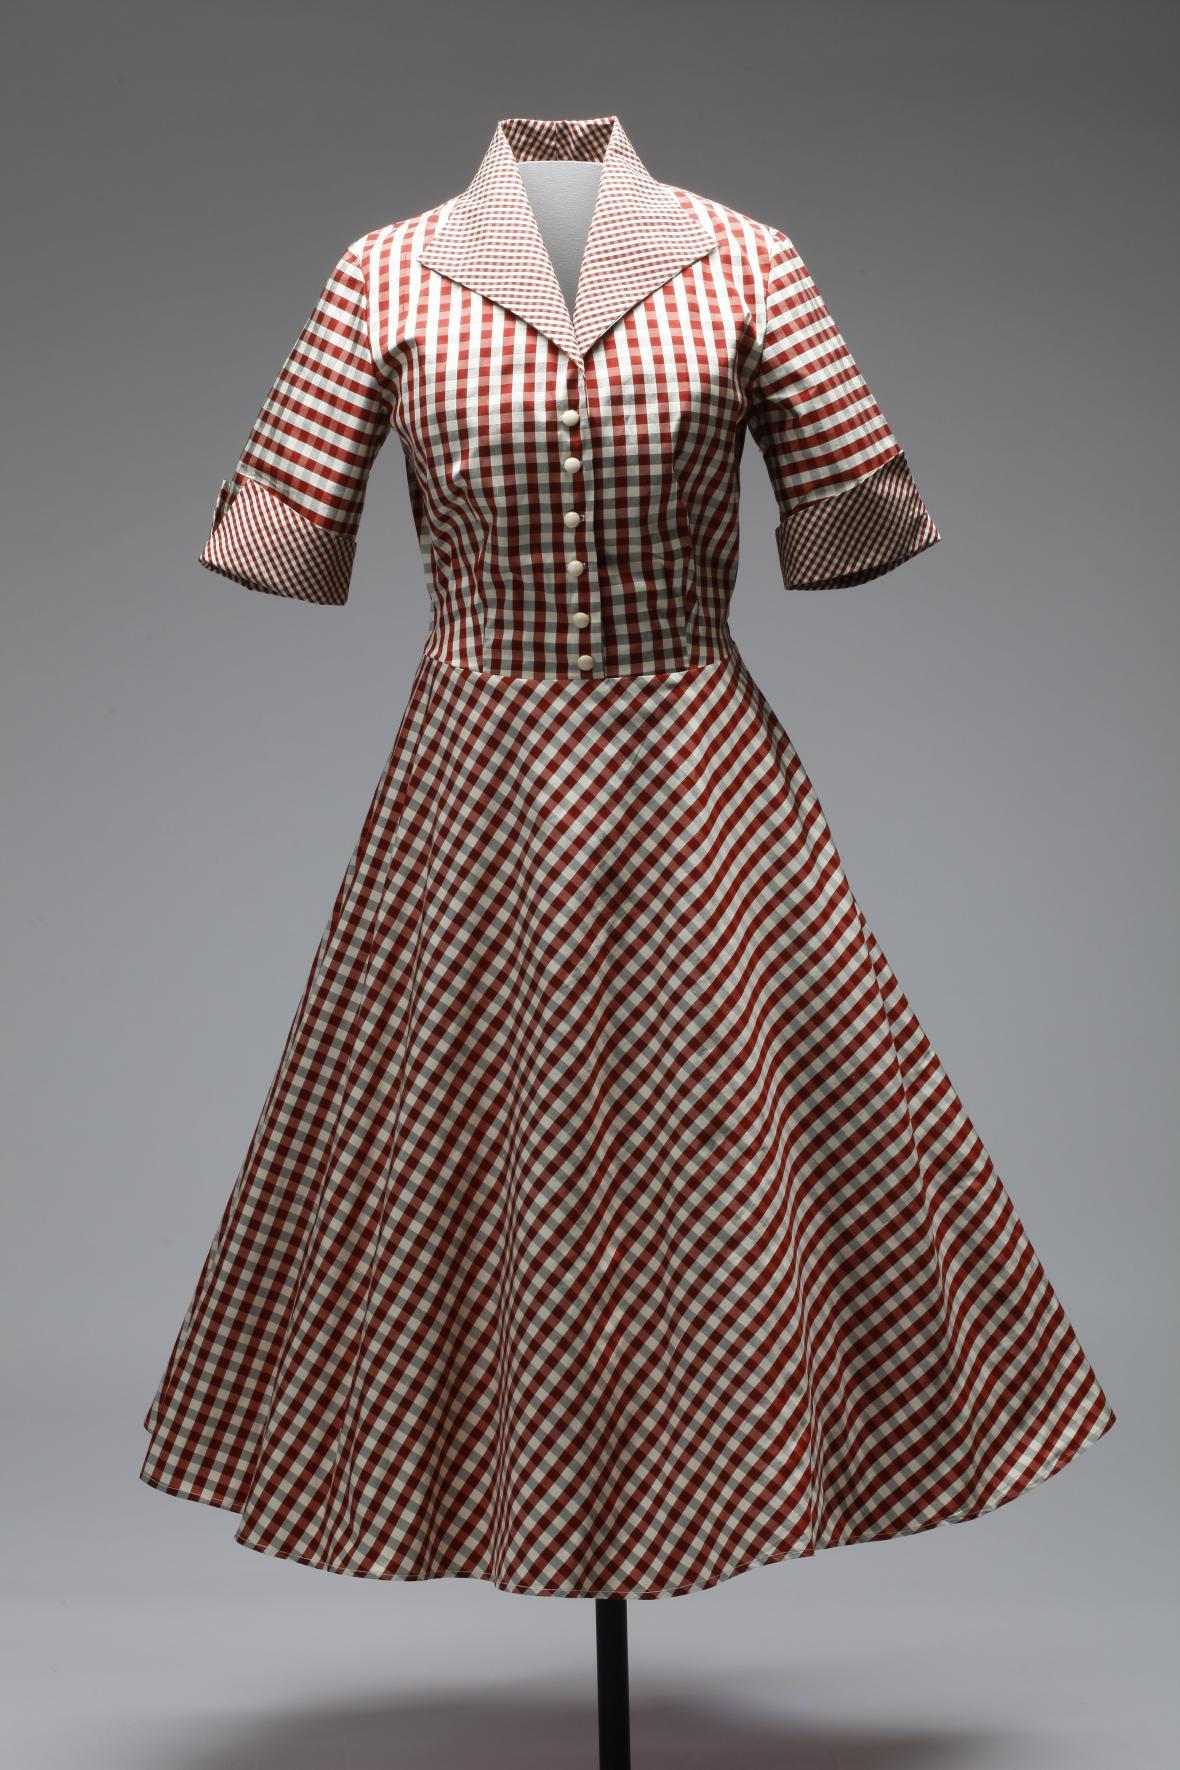 Šaty Debra kostkované se širokou kolovou sukní ušité podle originálního střihu z 50. let, hedvábný dupion, 2015 (Lazy Eye)